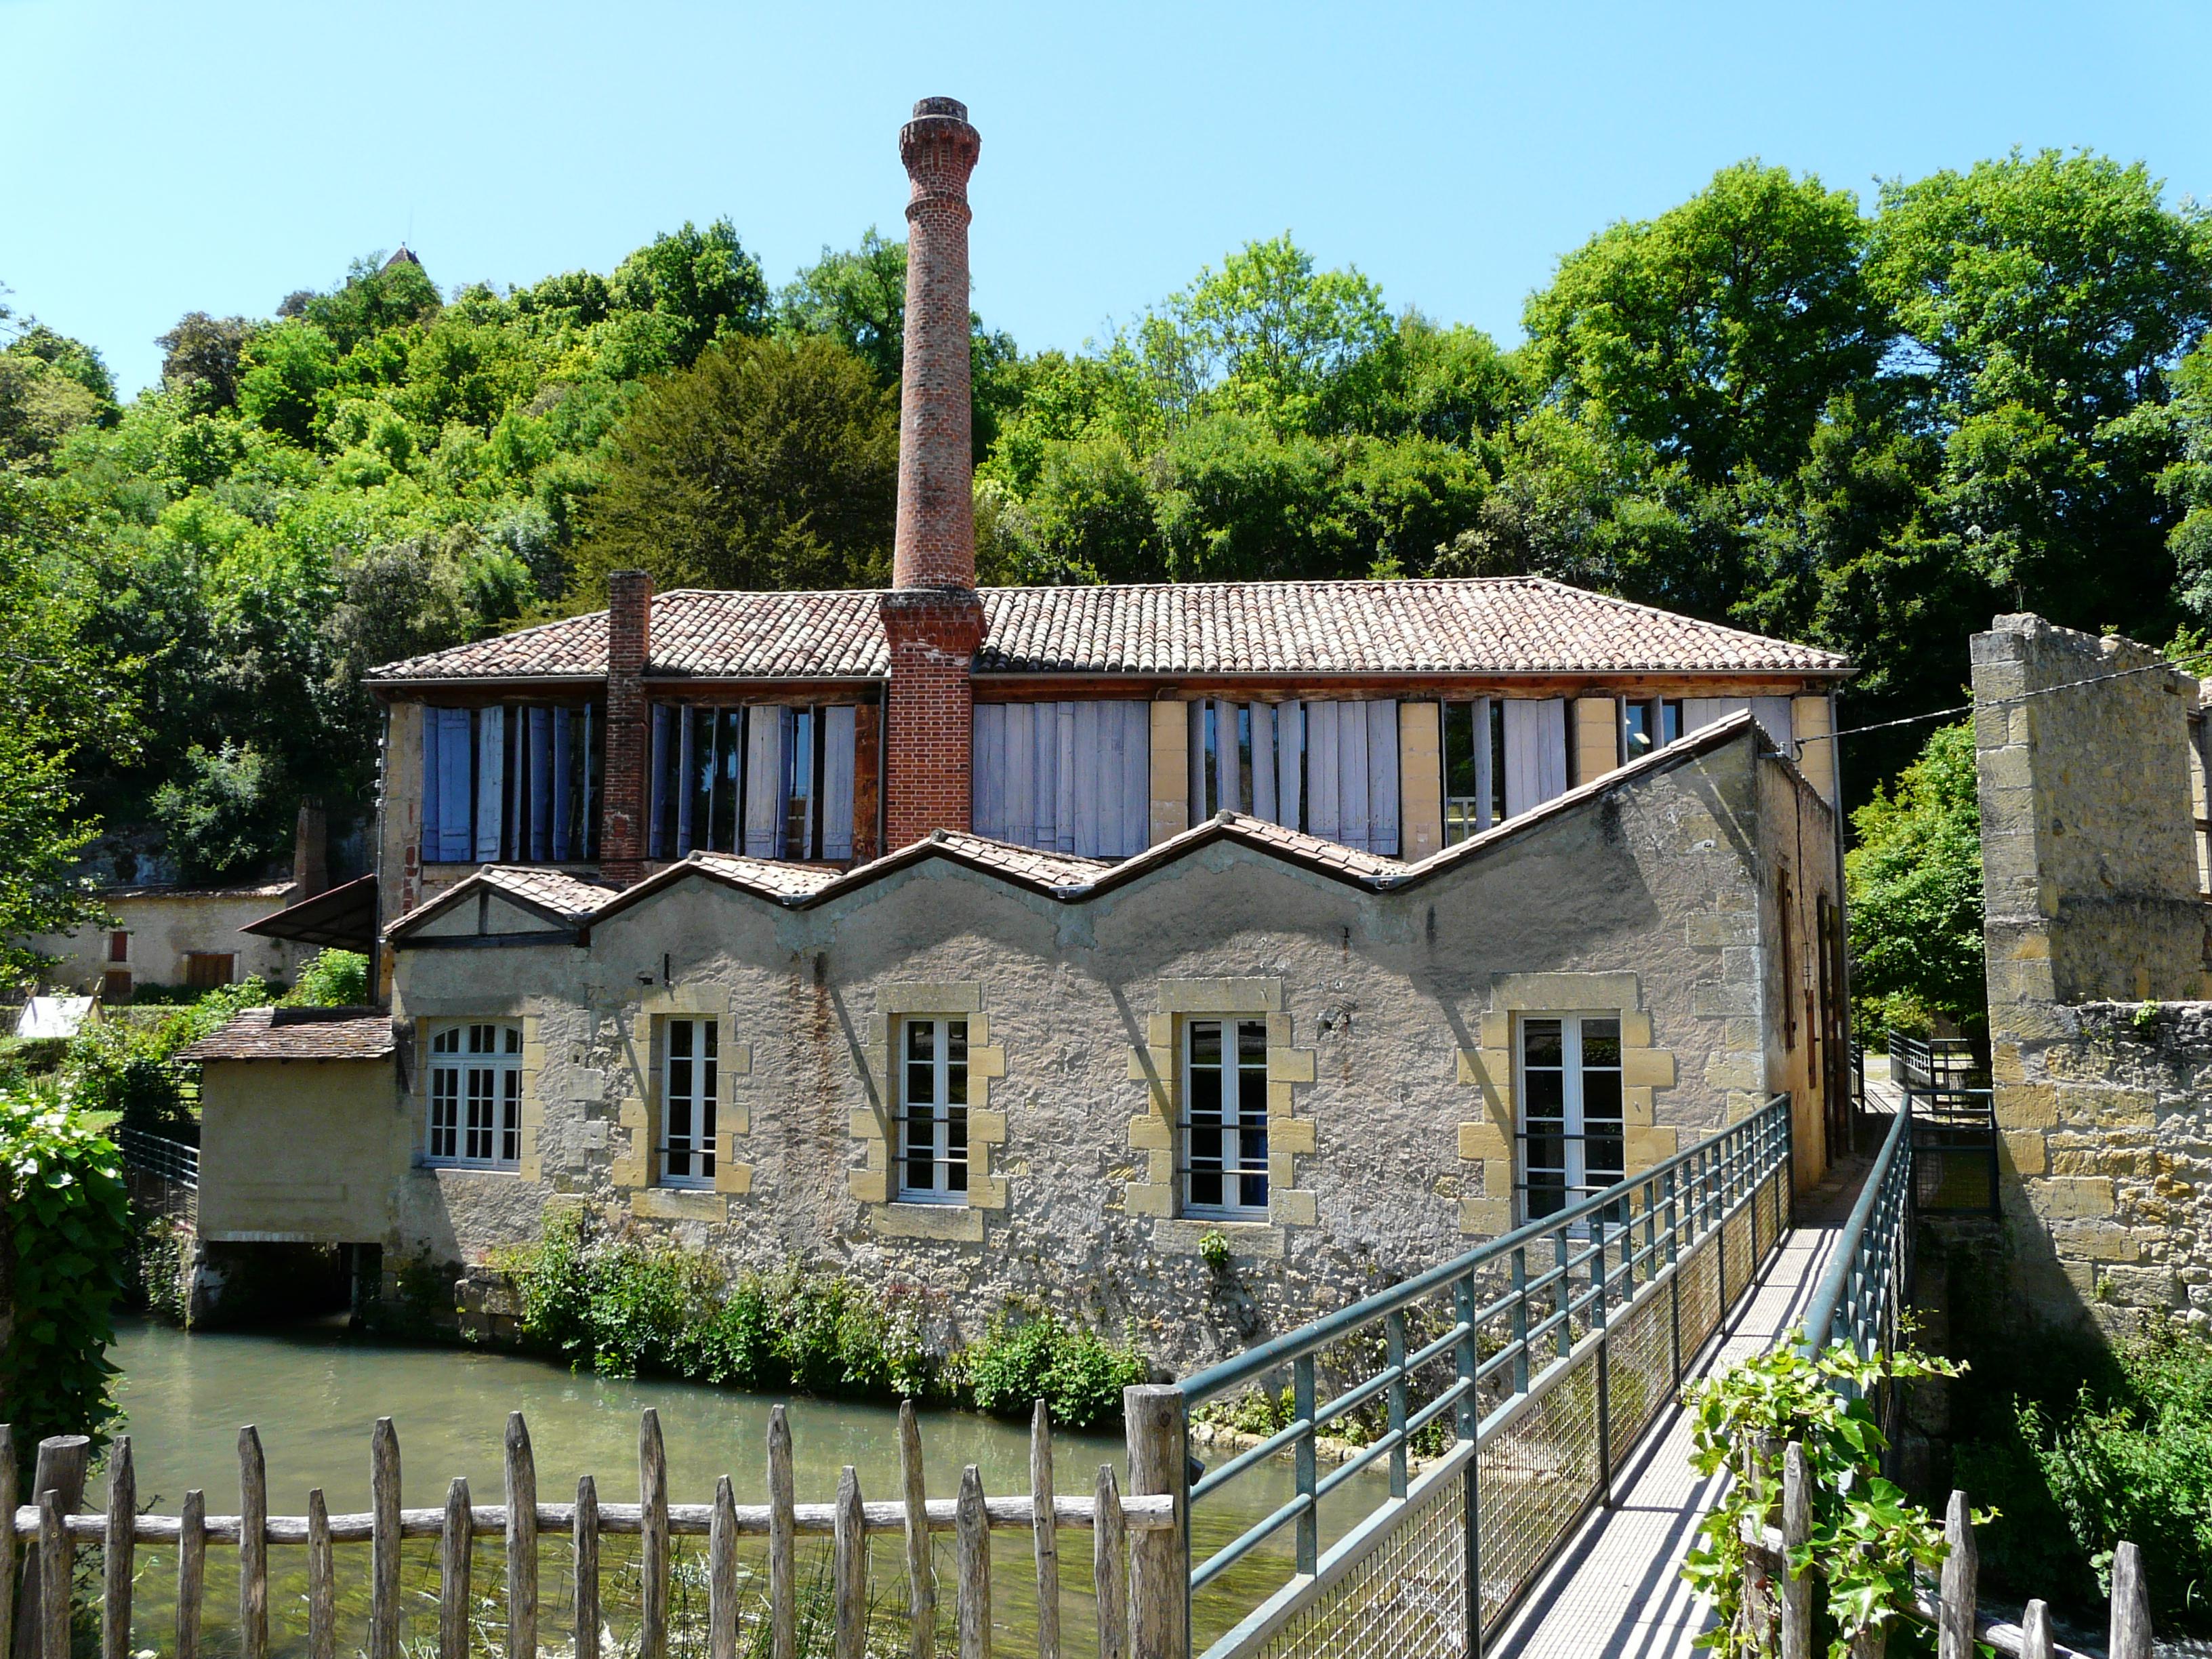 2143-couze-et-saint-front_moulin_rouzique-dordogne-nouvelle-aquitaine.jpg